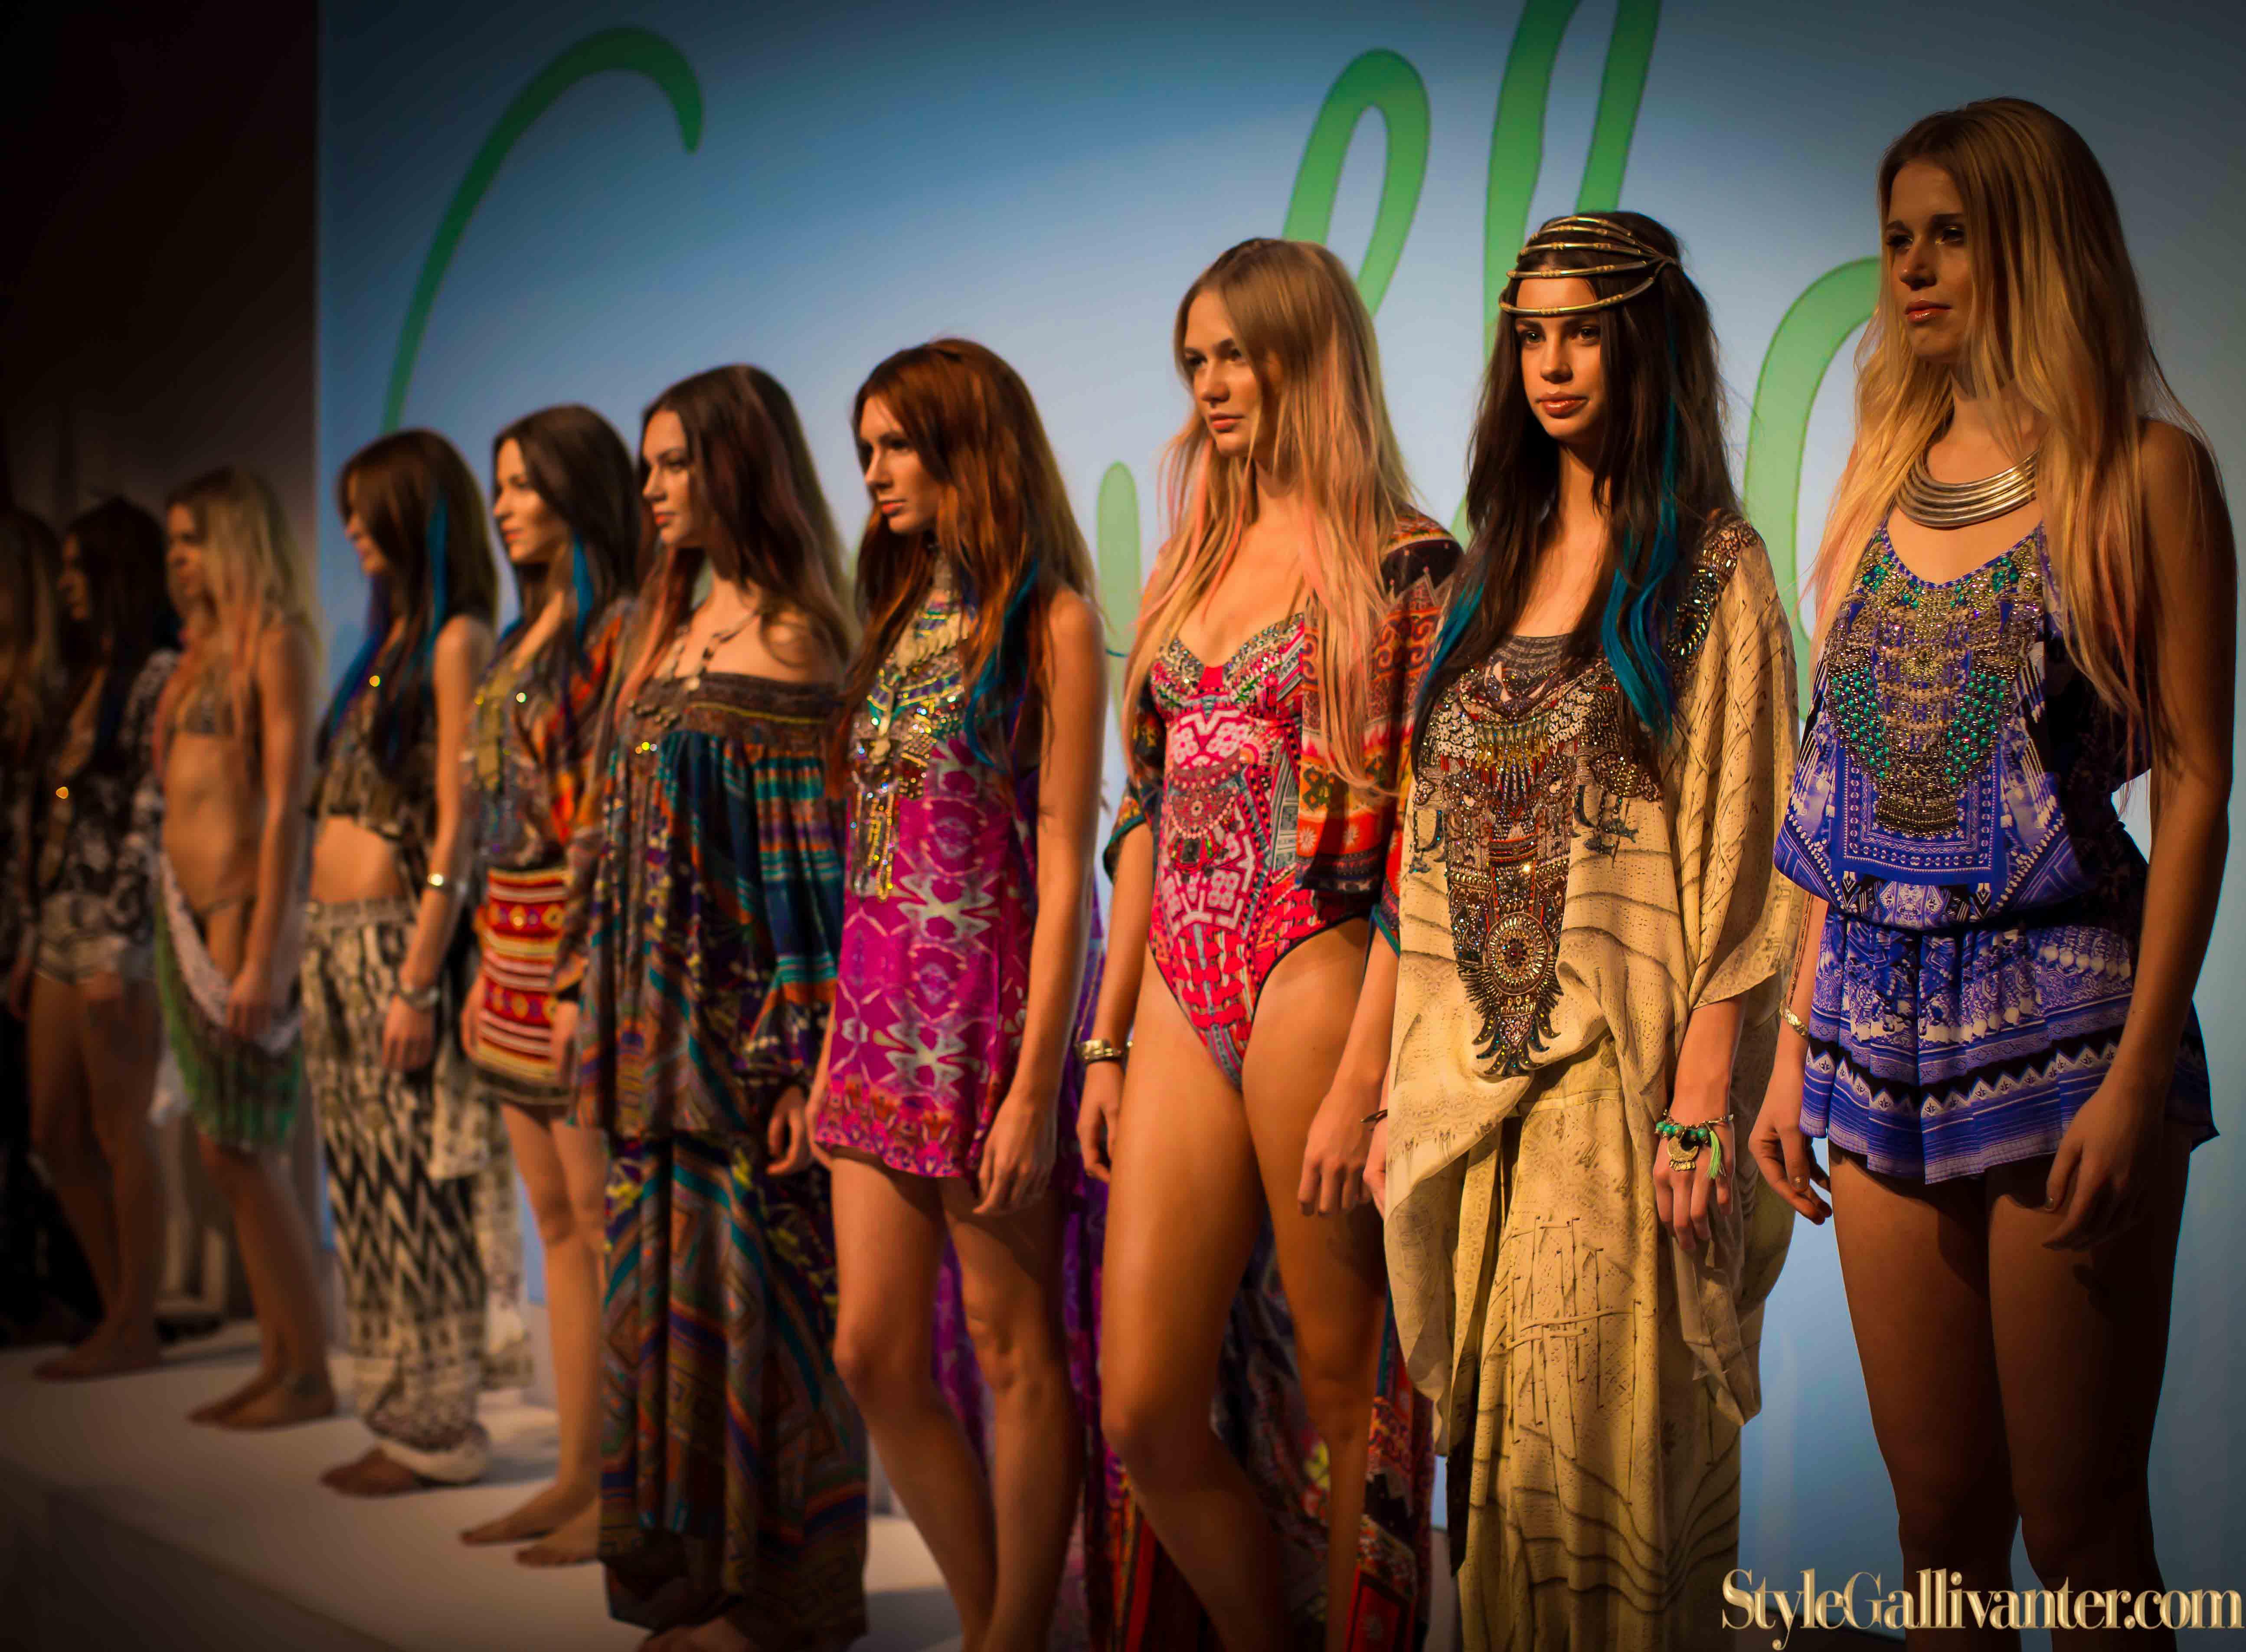 camilla-franks-latest-collection_ferrari-california-t-melbourne-australia-launch_ferrari-californiat_luxe-blogs-australia_top-fashion-blogs-melbourne_camilla-franks-ferrari_melbournes-luxe-car-bloggers-26